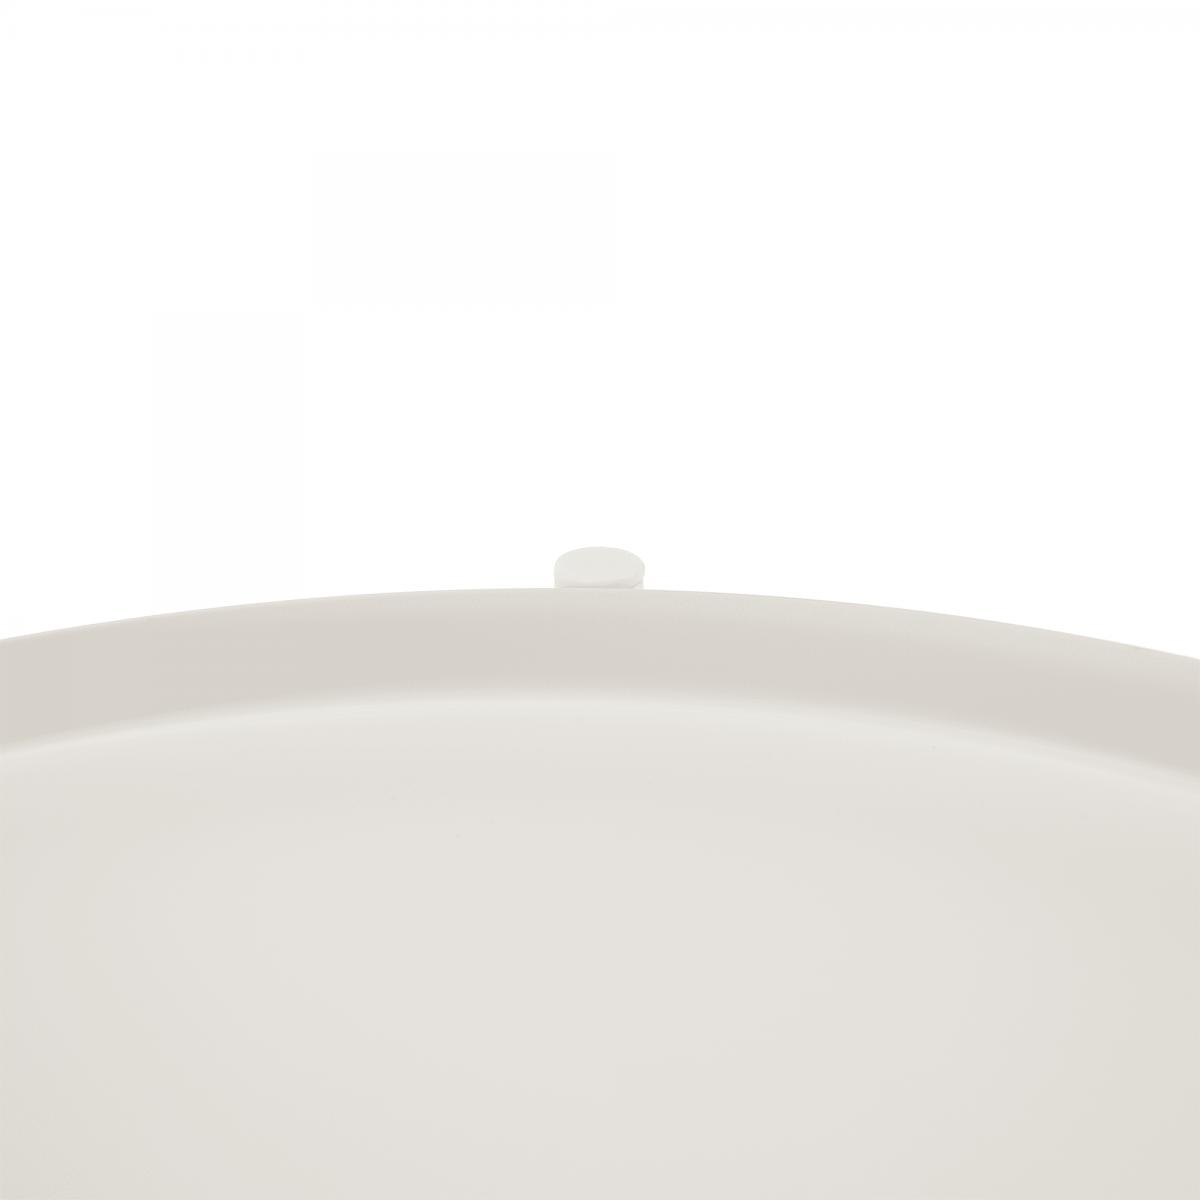 Kisasztal levehető tálcával, fehér/barna, FANDOR